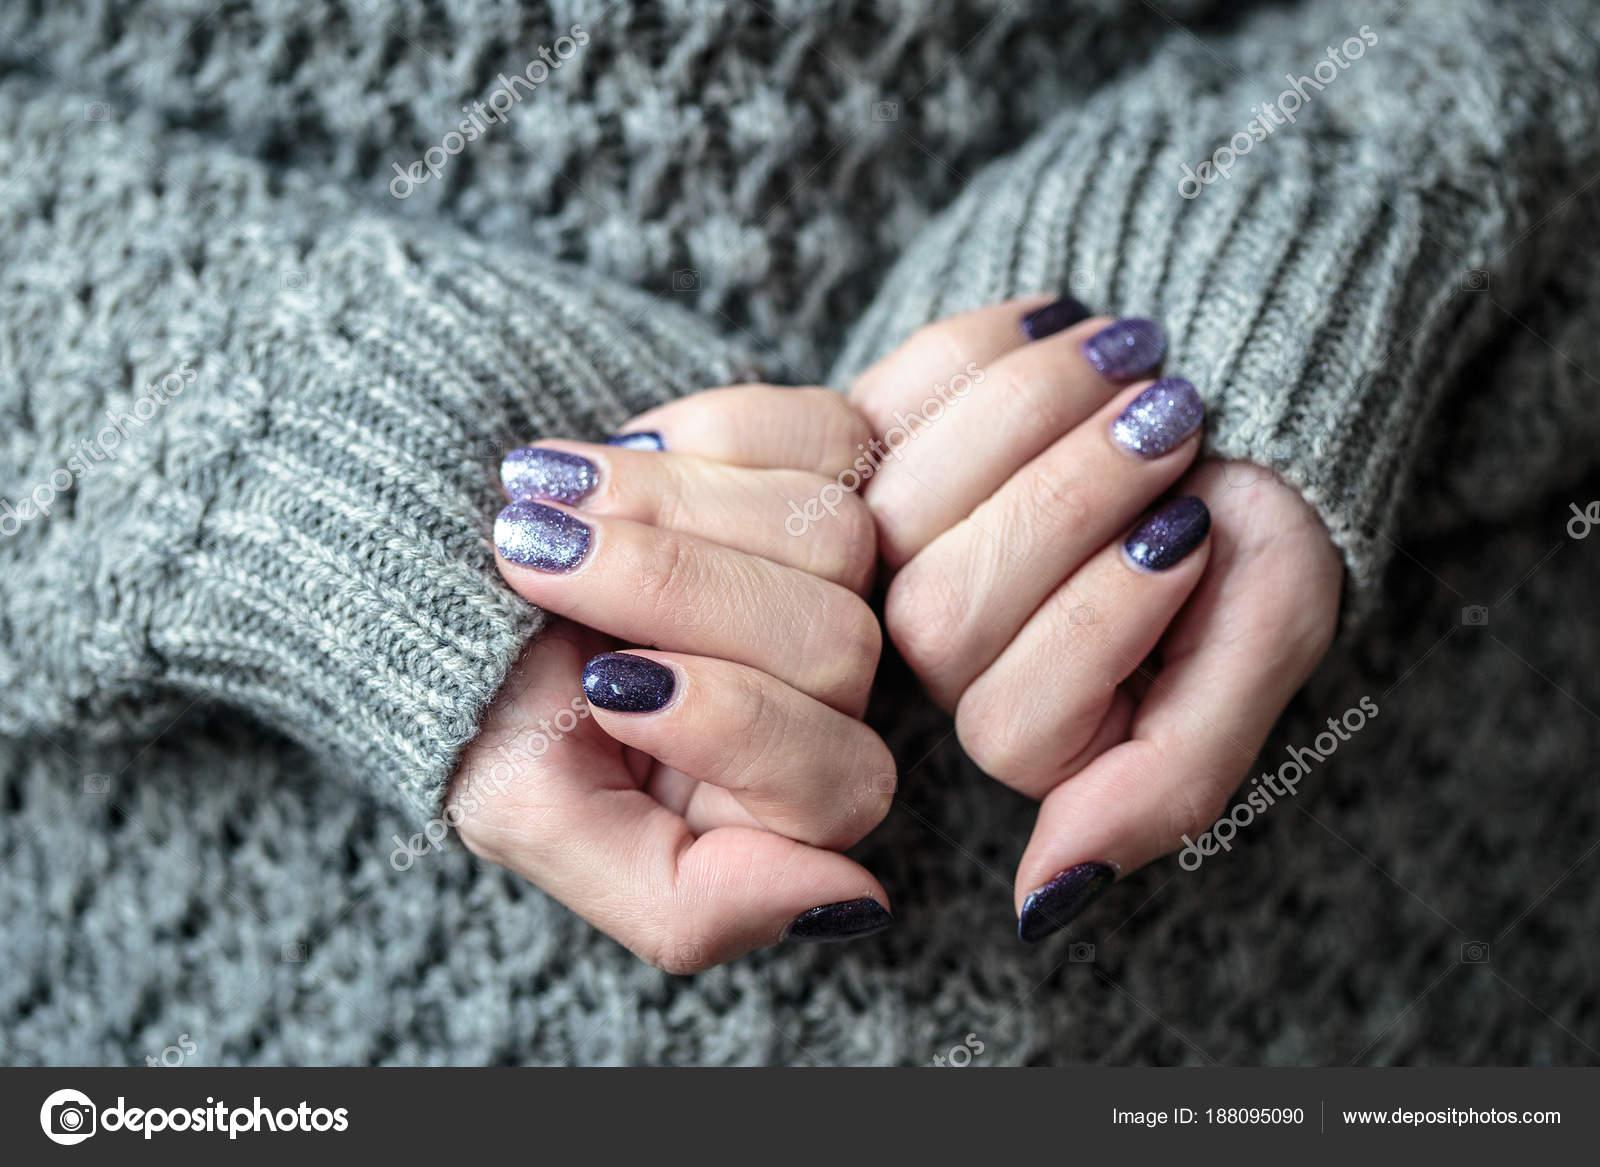 Przepiękny Manicure Fioletowy Srebrny Lakier Paznokci Zbliżenie